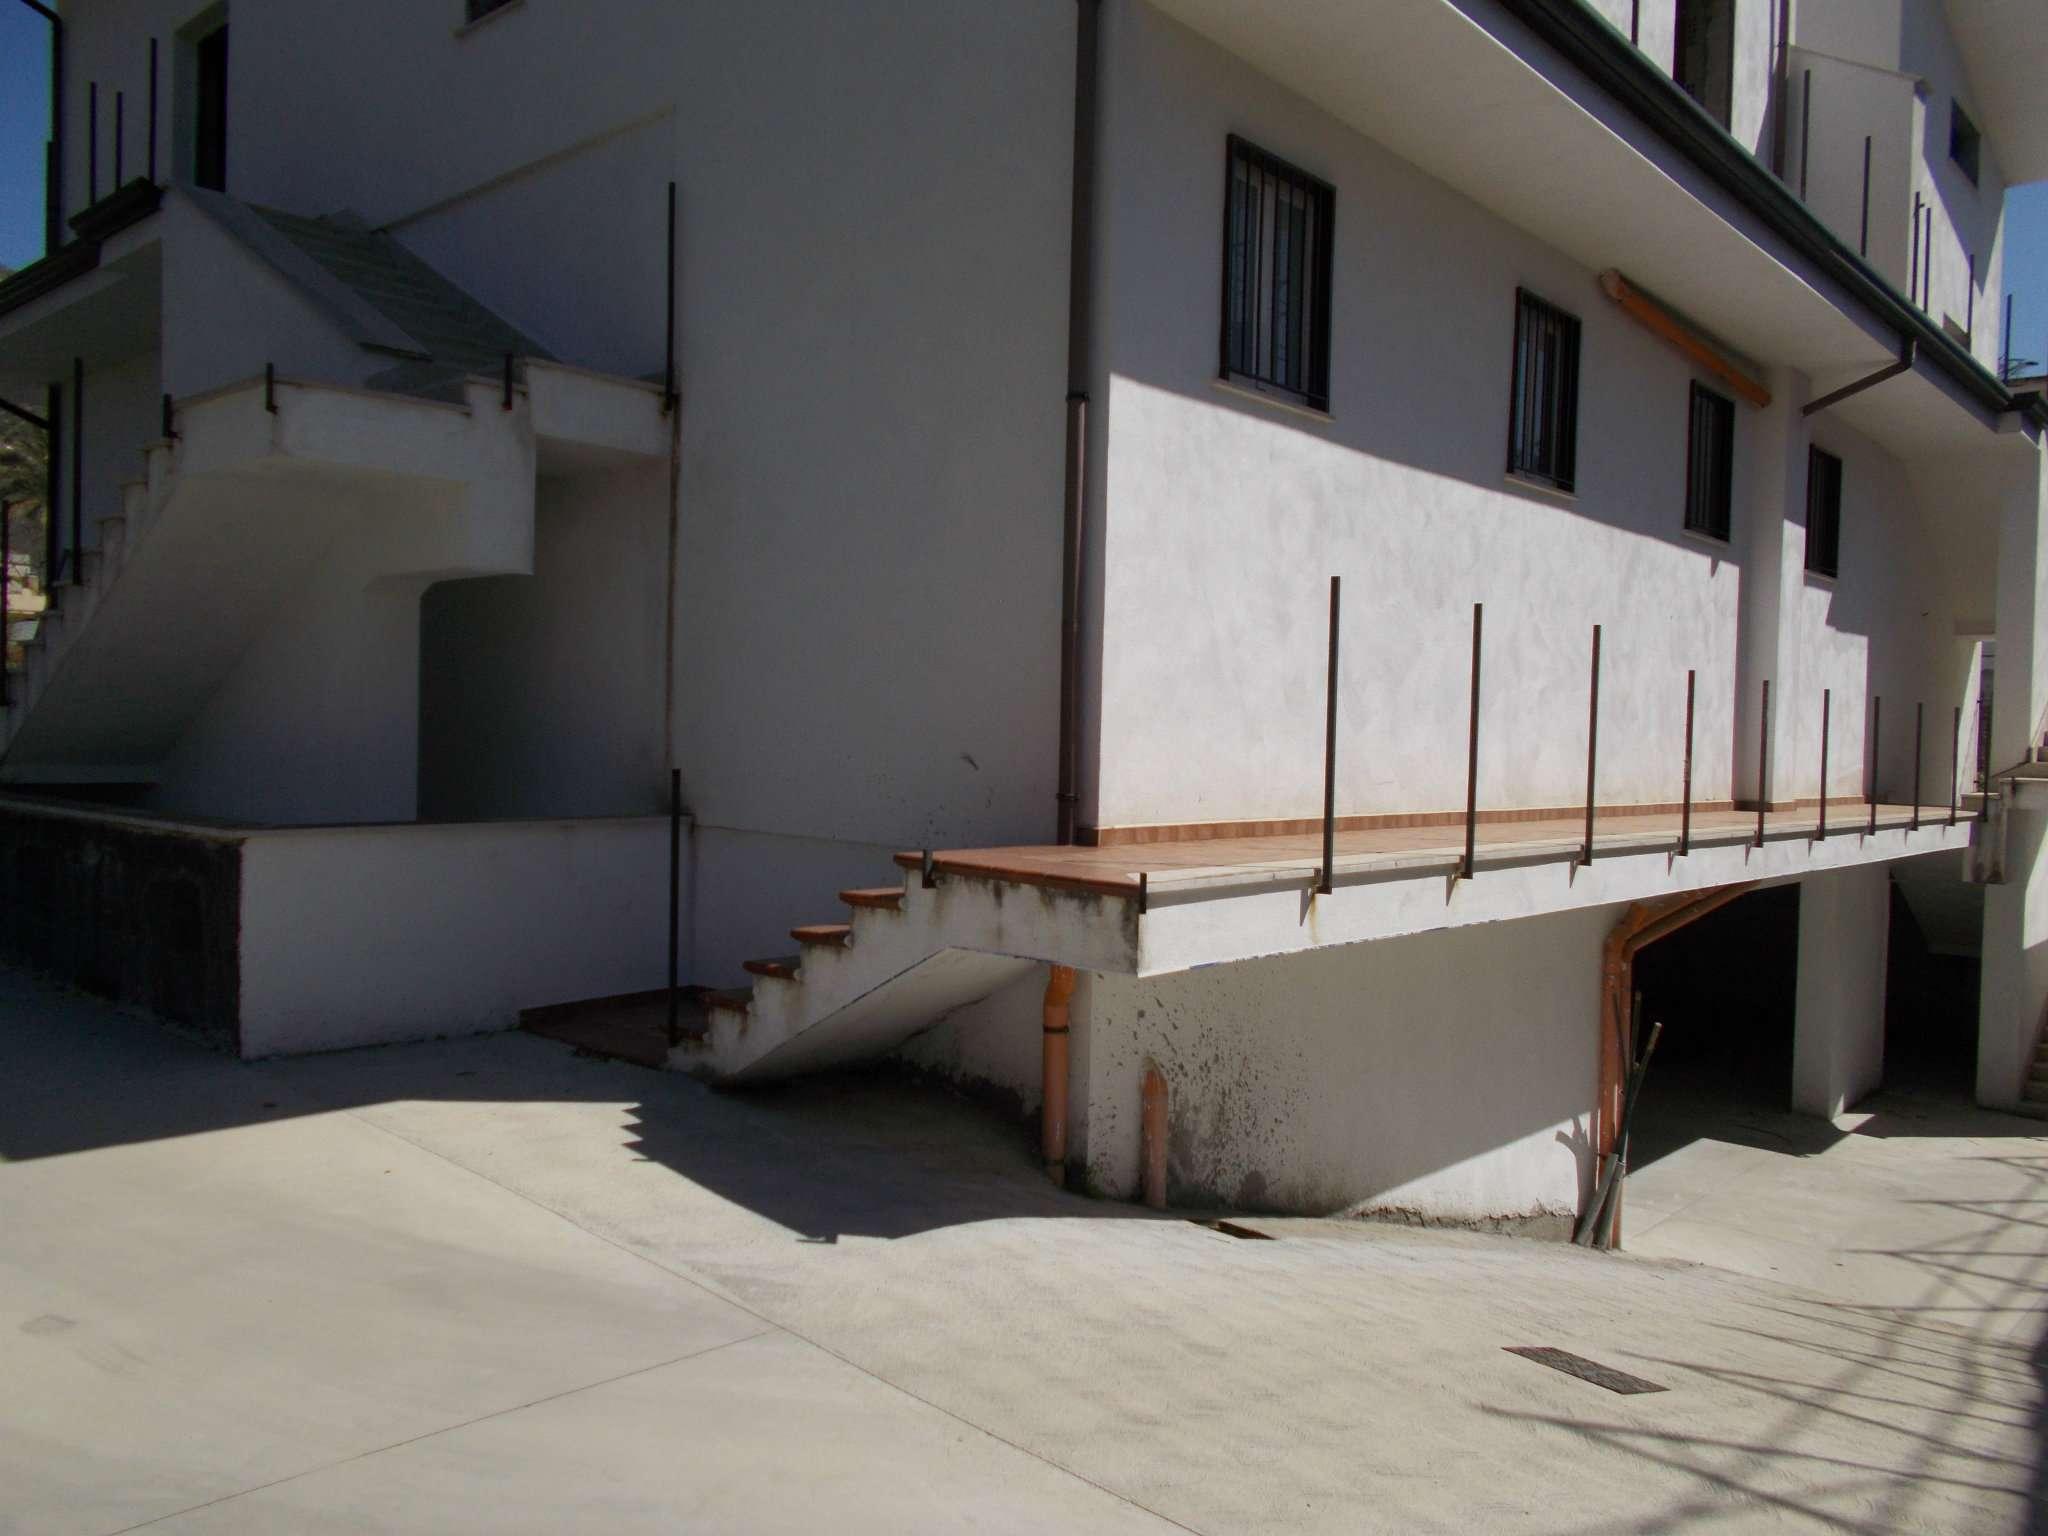 Appartamento in vendita a Arienzo, 9999 locali, prezzo € 70.000 | CambioCasa.it